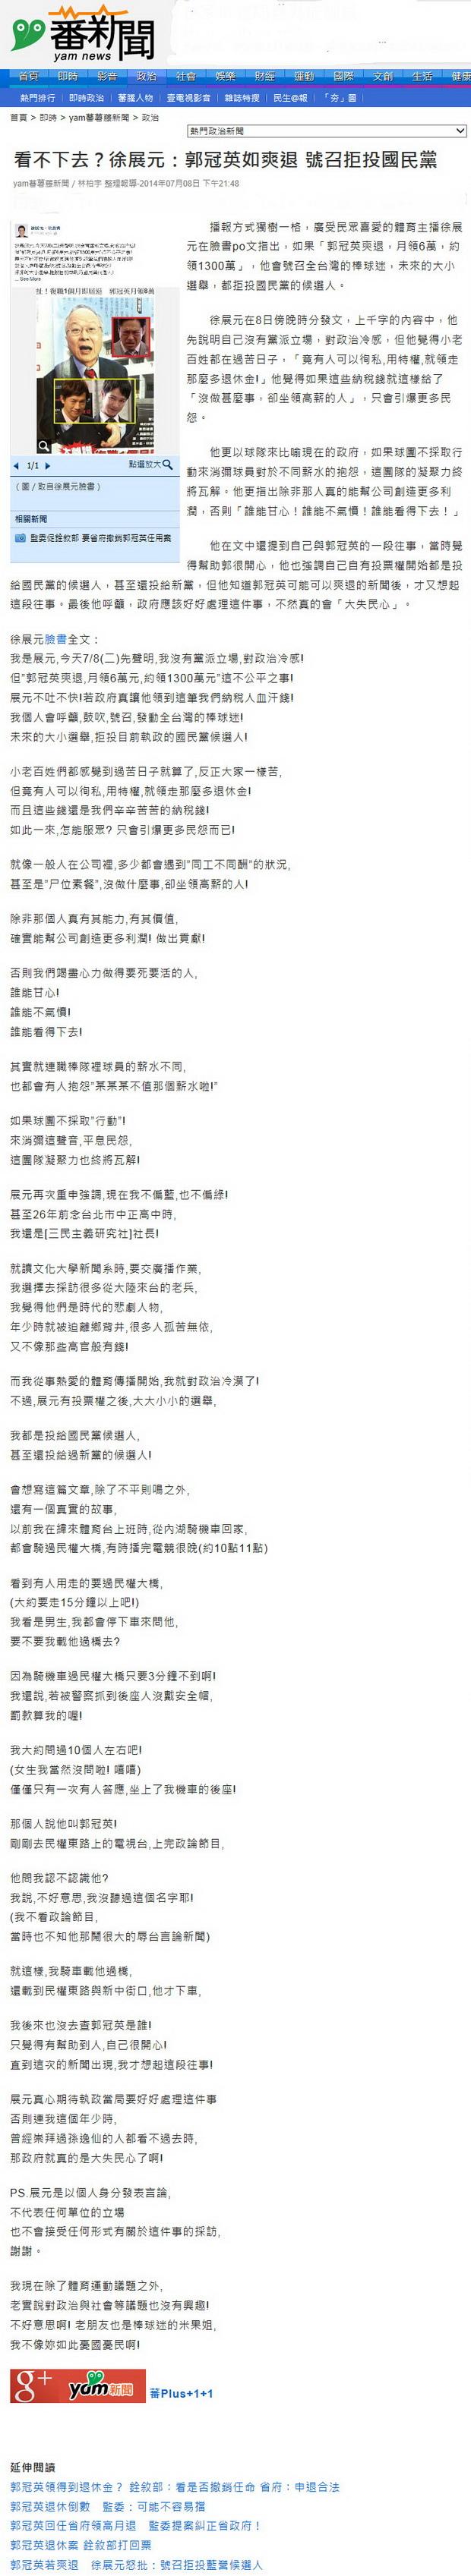 看不下去?徐展元:郭冠英如爽退 號召拒投國民黨-2014.07.08.jpg